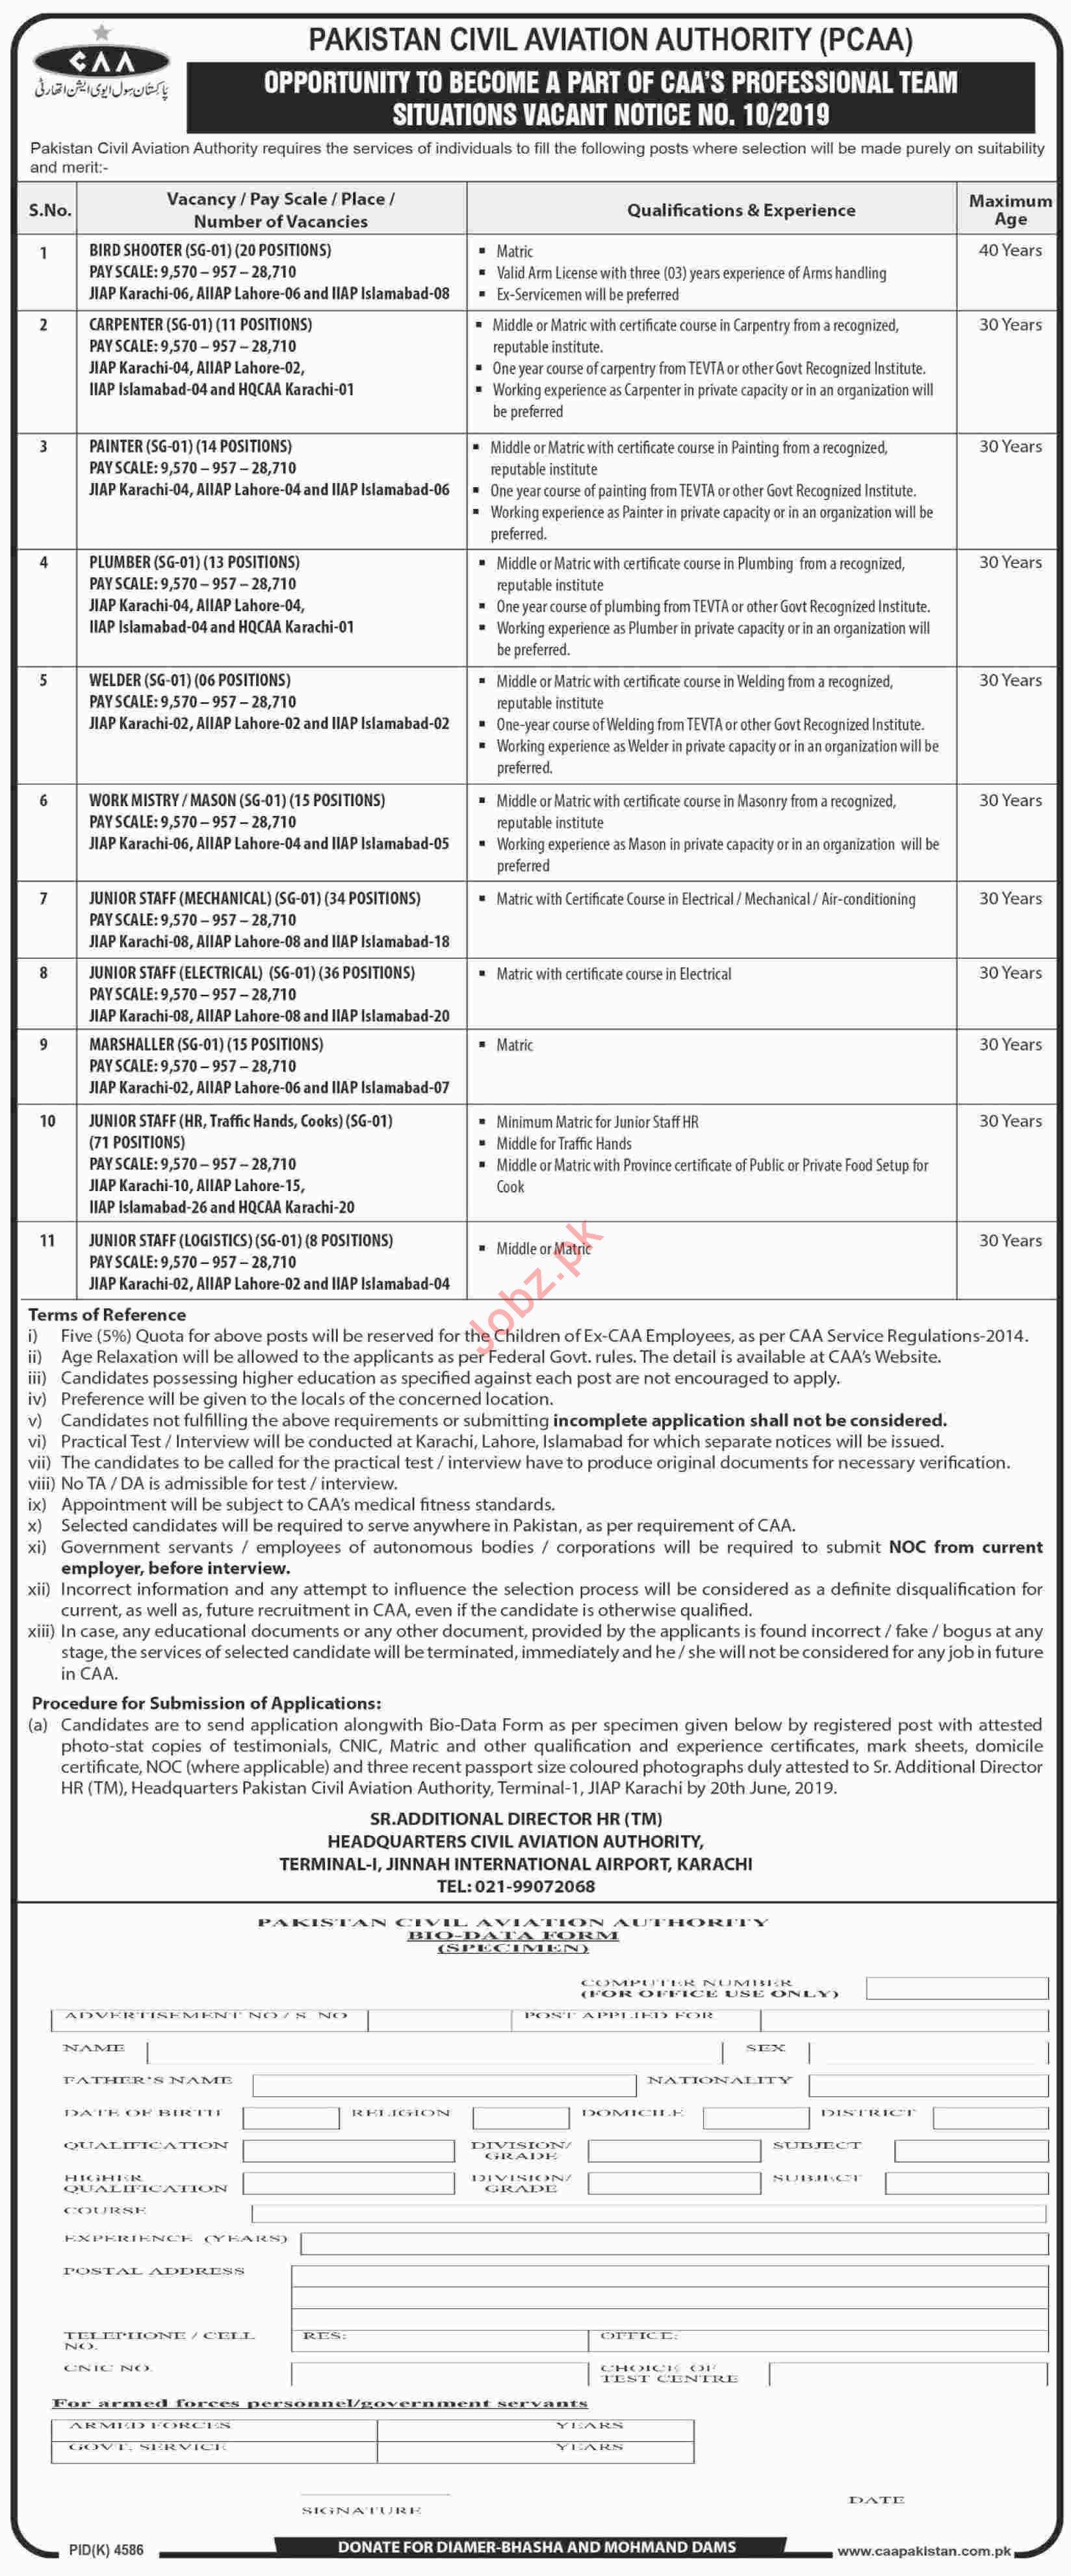 Pakistan Civil Aviation Authority PCAA Labor Staff Jobs 2019